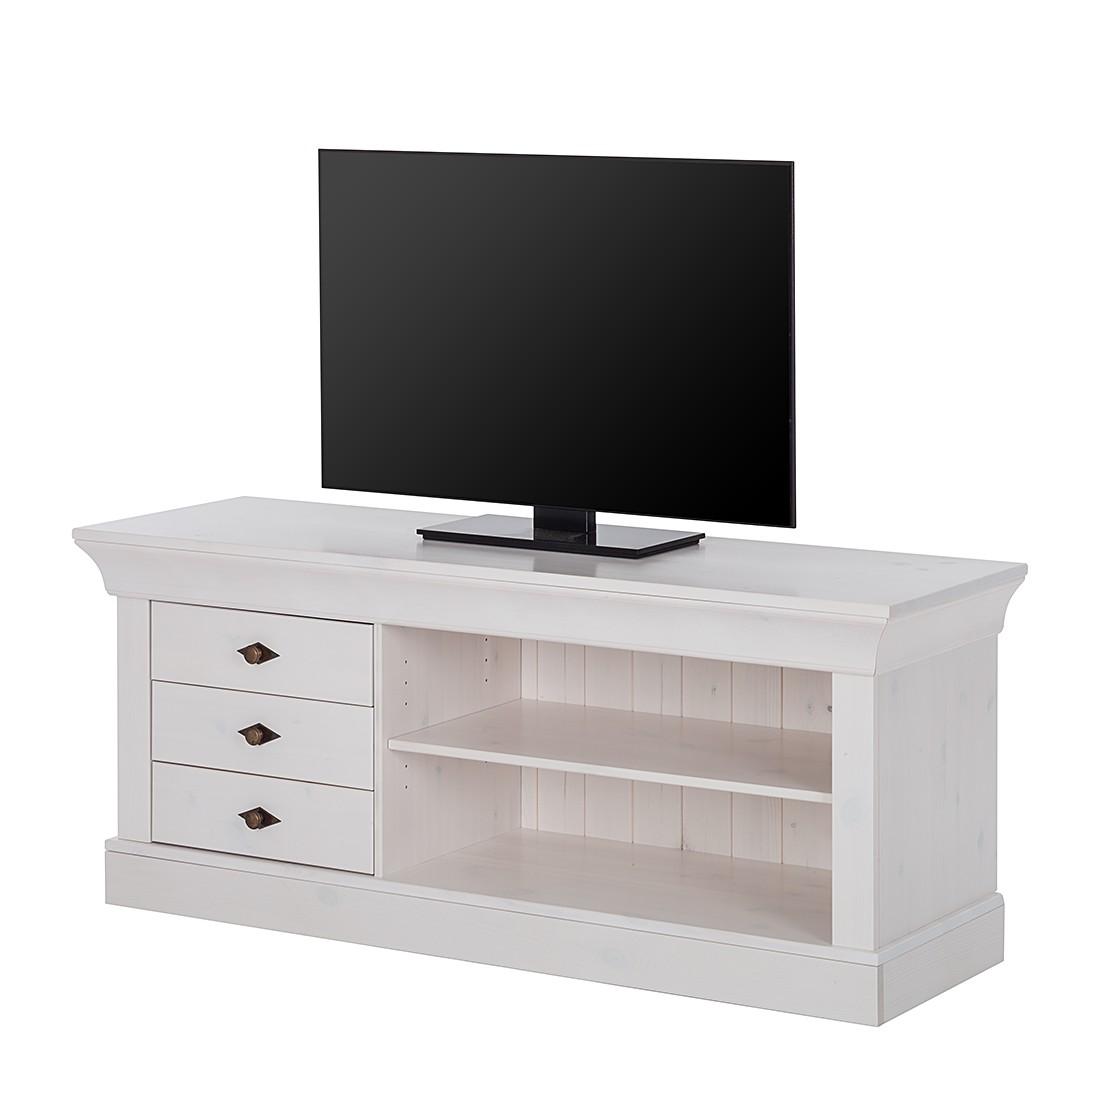 lowboard kiefer preisvergleich die besten angebote online kaufen. Black Bedroom Furniture Sets. Home Design Ideas